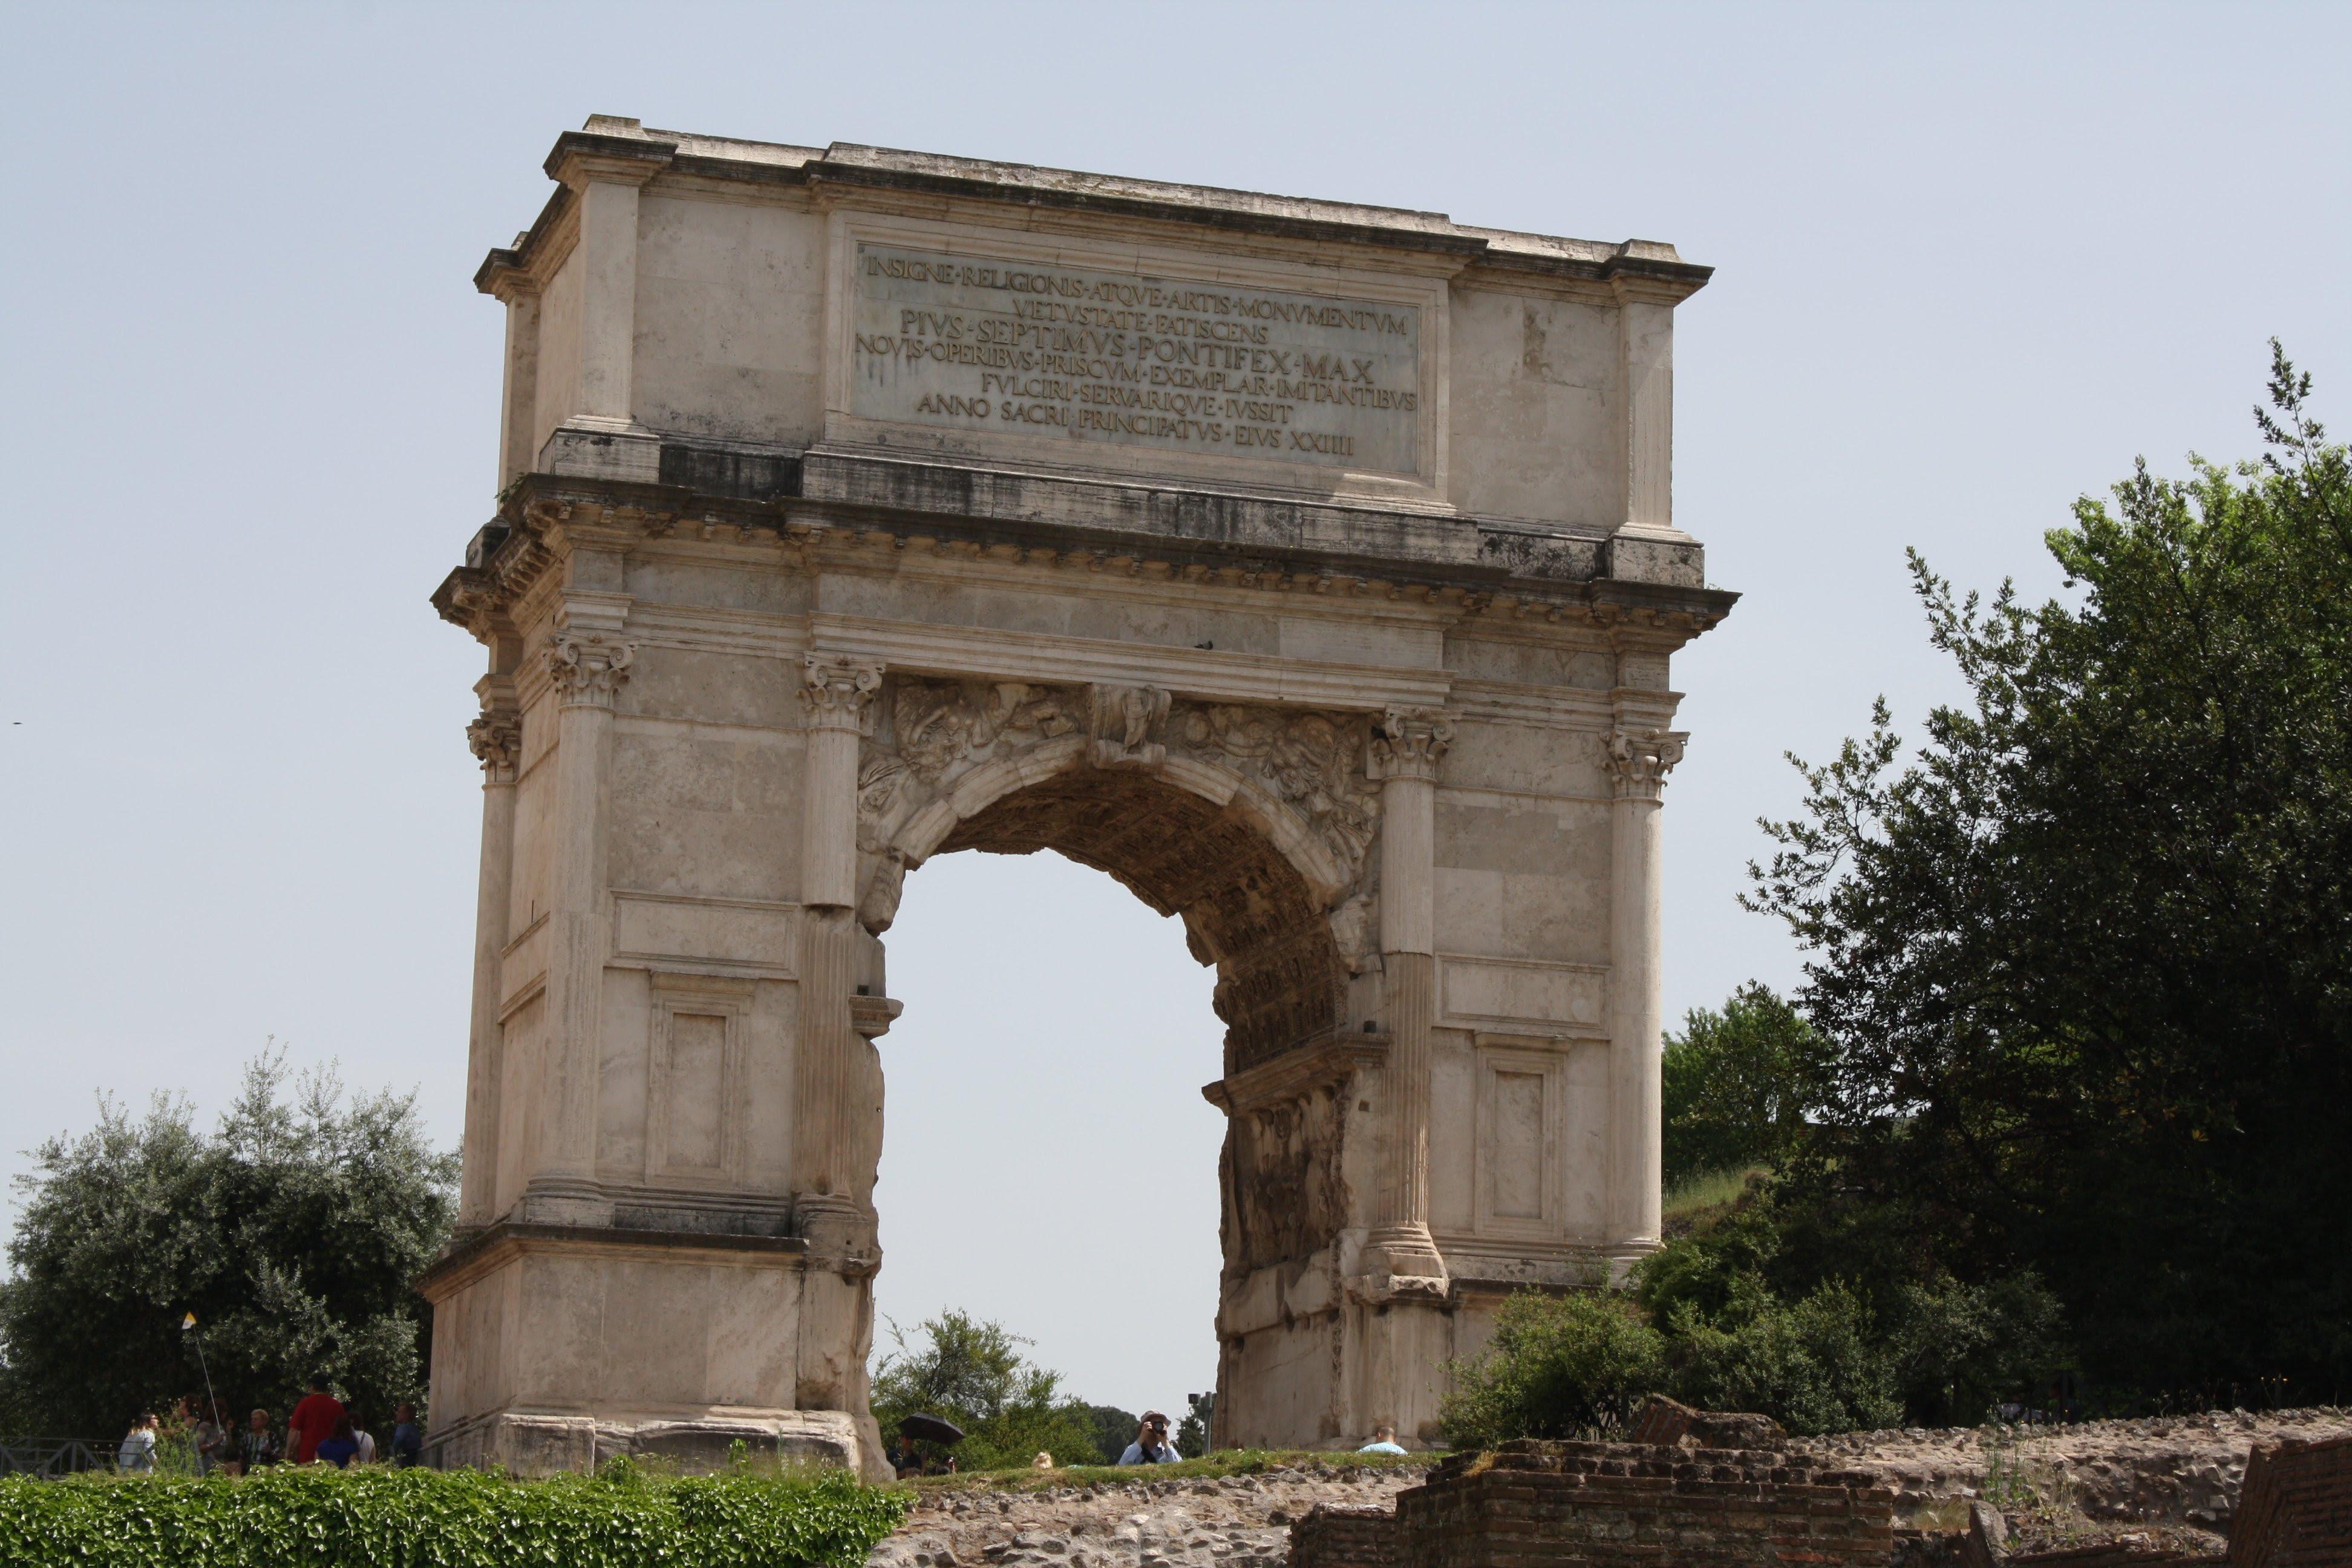 http://www.ancient.eu/uploads/images/1284.jpg?v=1485680459